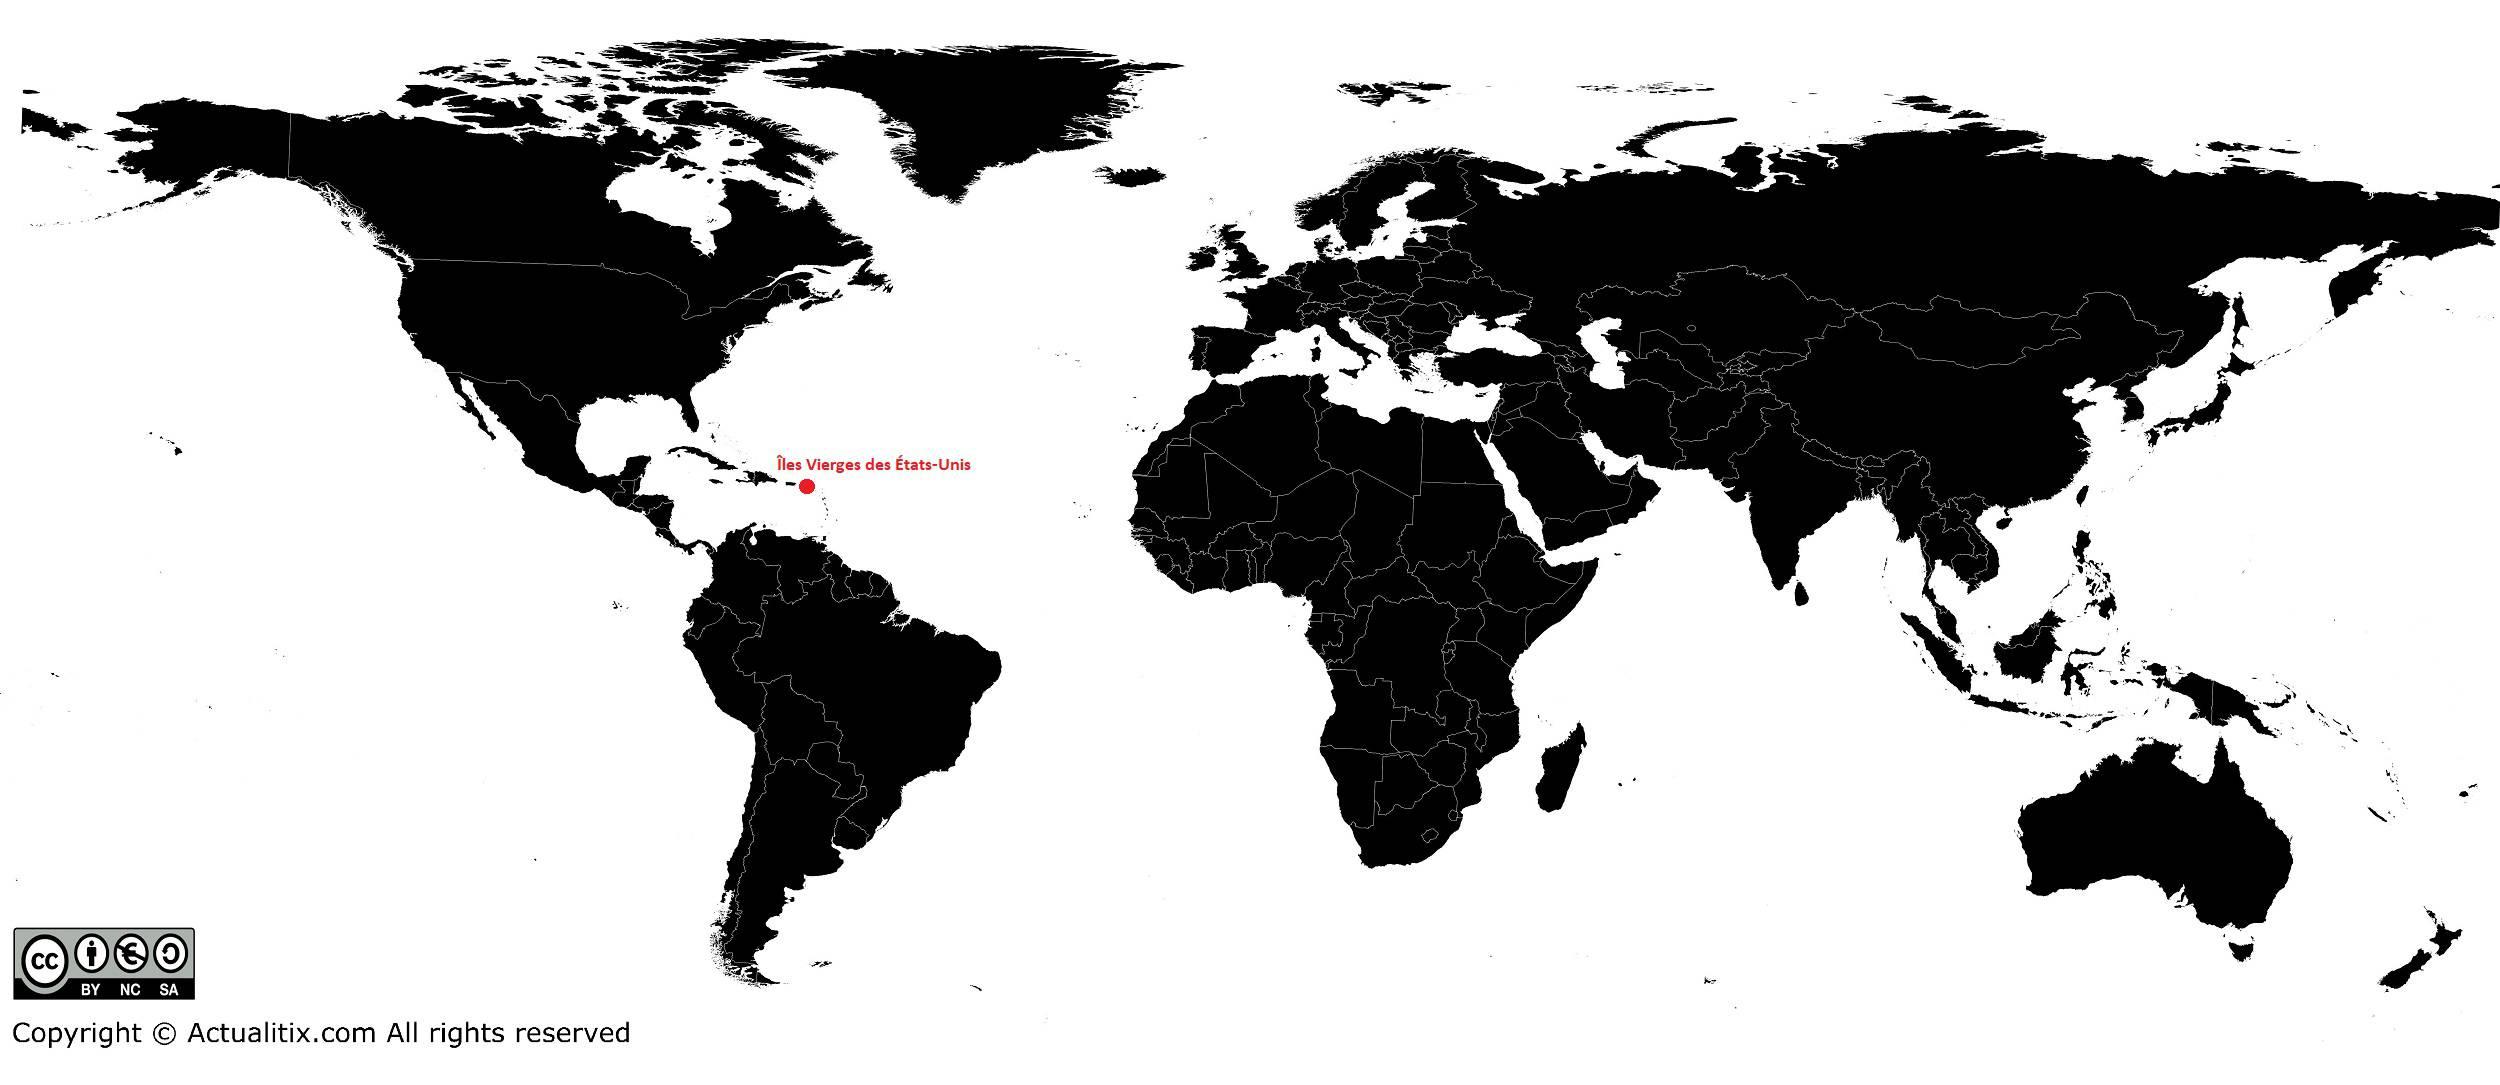 Îles Vierges des Etats-Unis sur une carte du monde